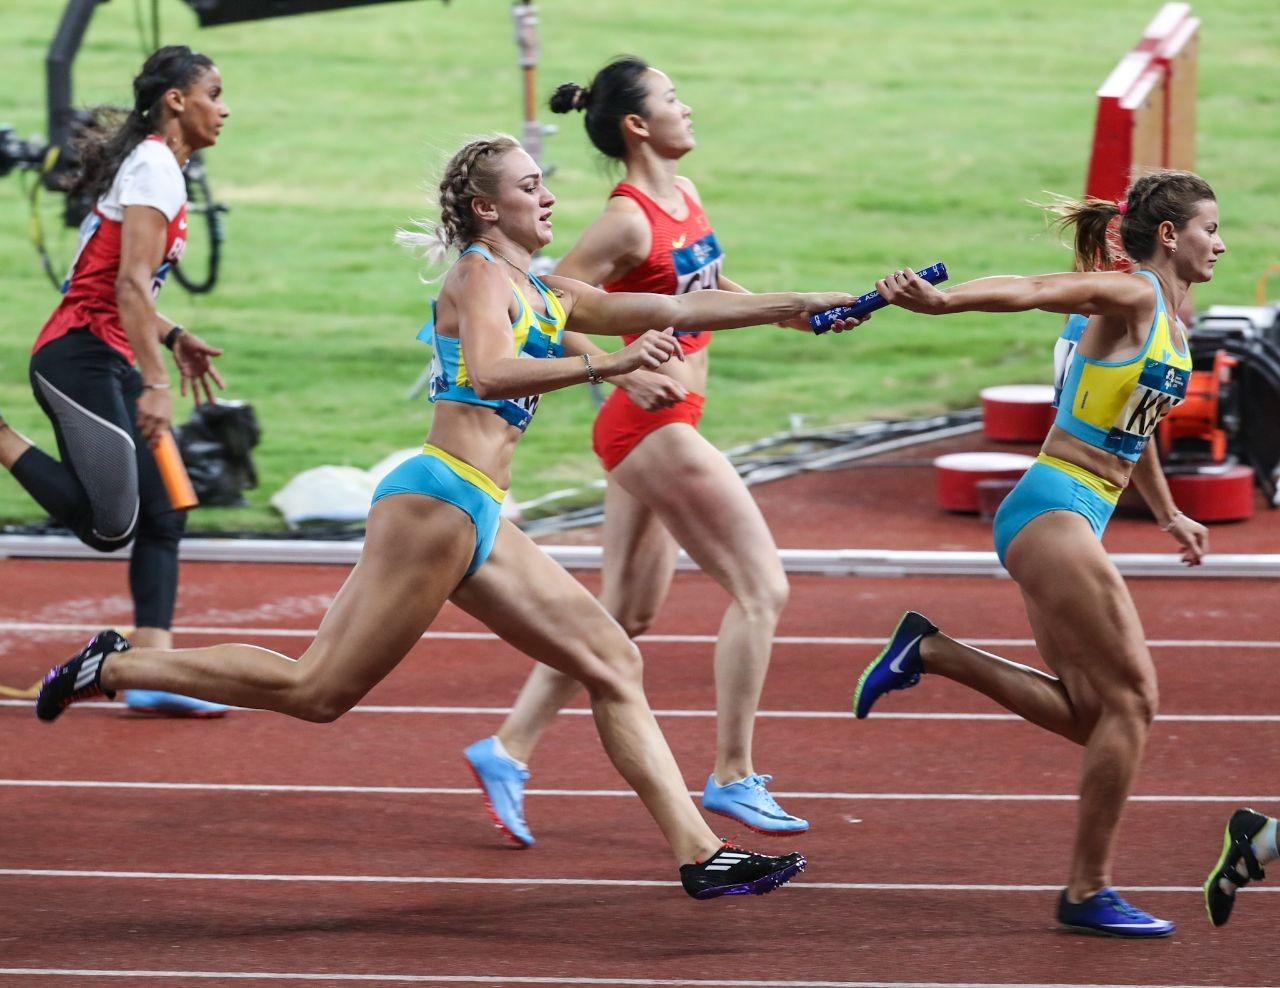 Казахстанки вошли в пятёрку лучших в Азии в своих видах лёгкой атлетики